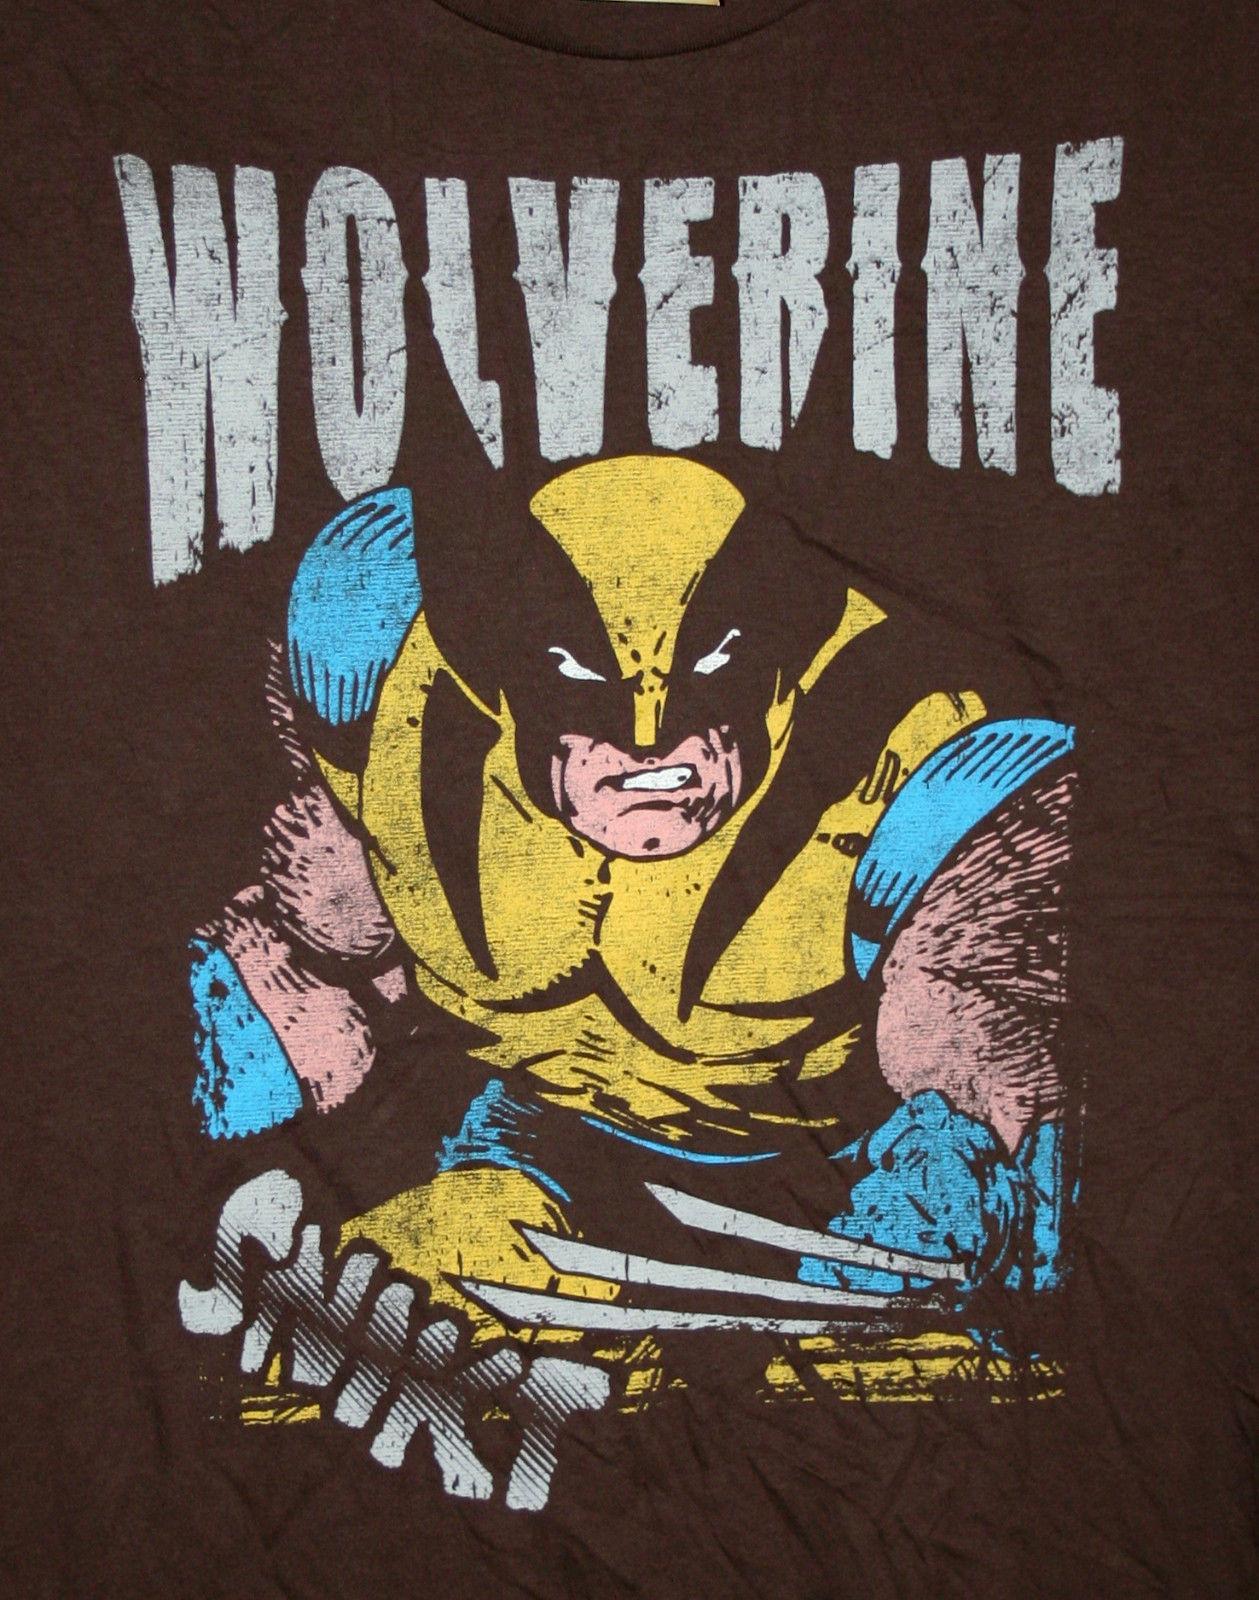 b40ec8bd5 Marvel Comics Classic Wolverine X Men Comics Brown T Shirt New LG Tag Mad  Engine Men Women Unisex Fashion Tshirt Black Random Graphic Tees Quirky T  Shirt ...